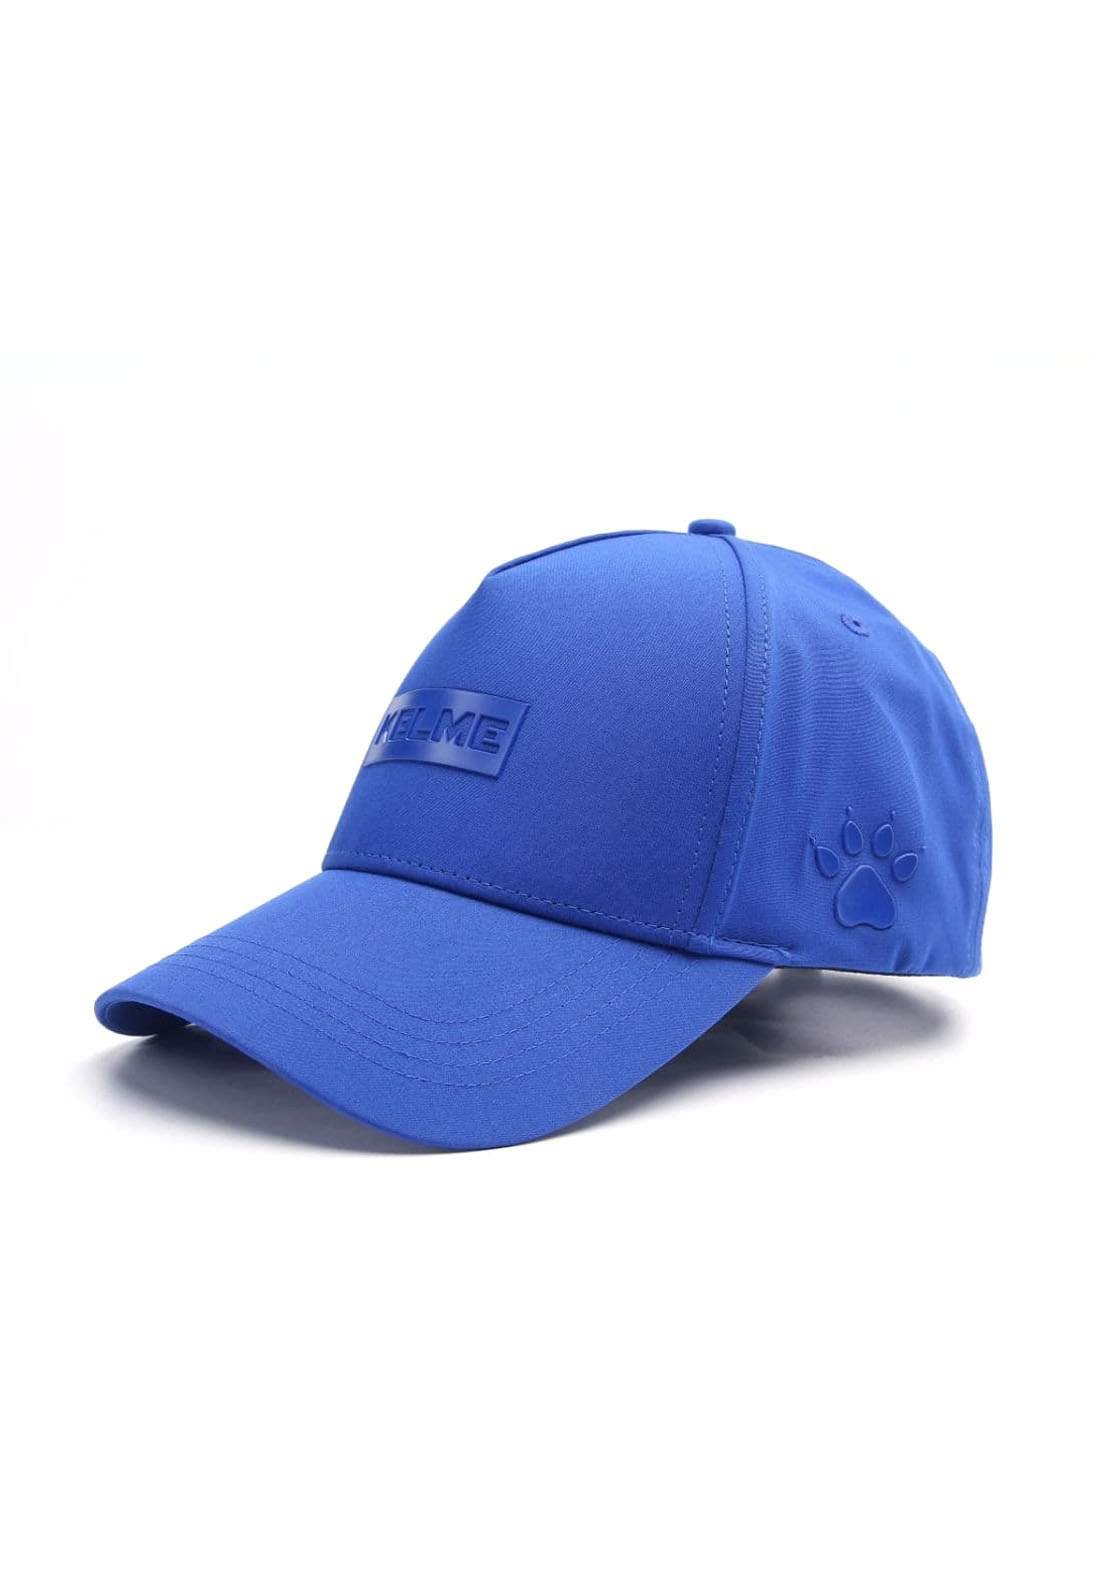 قبعة رياضية ازرق  اللون من  Kelme